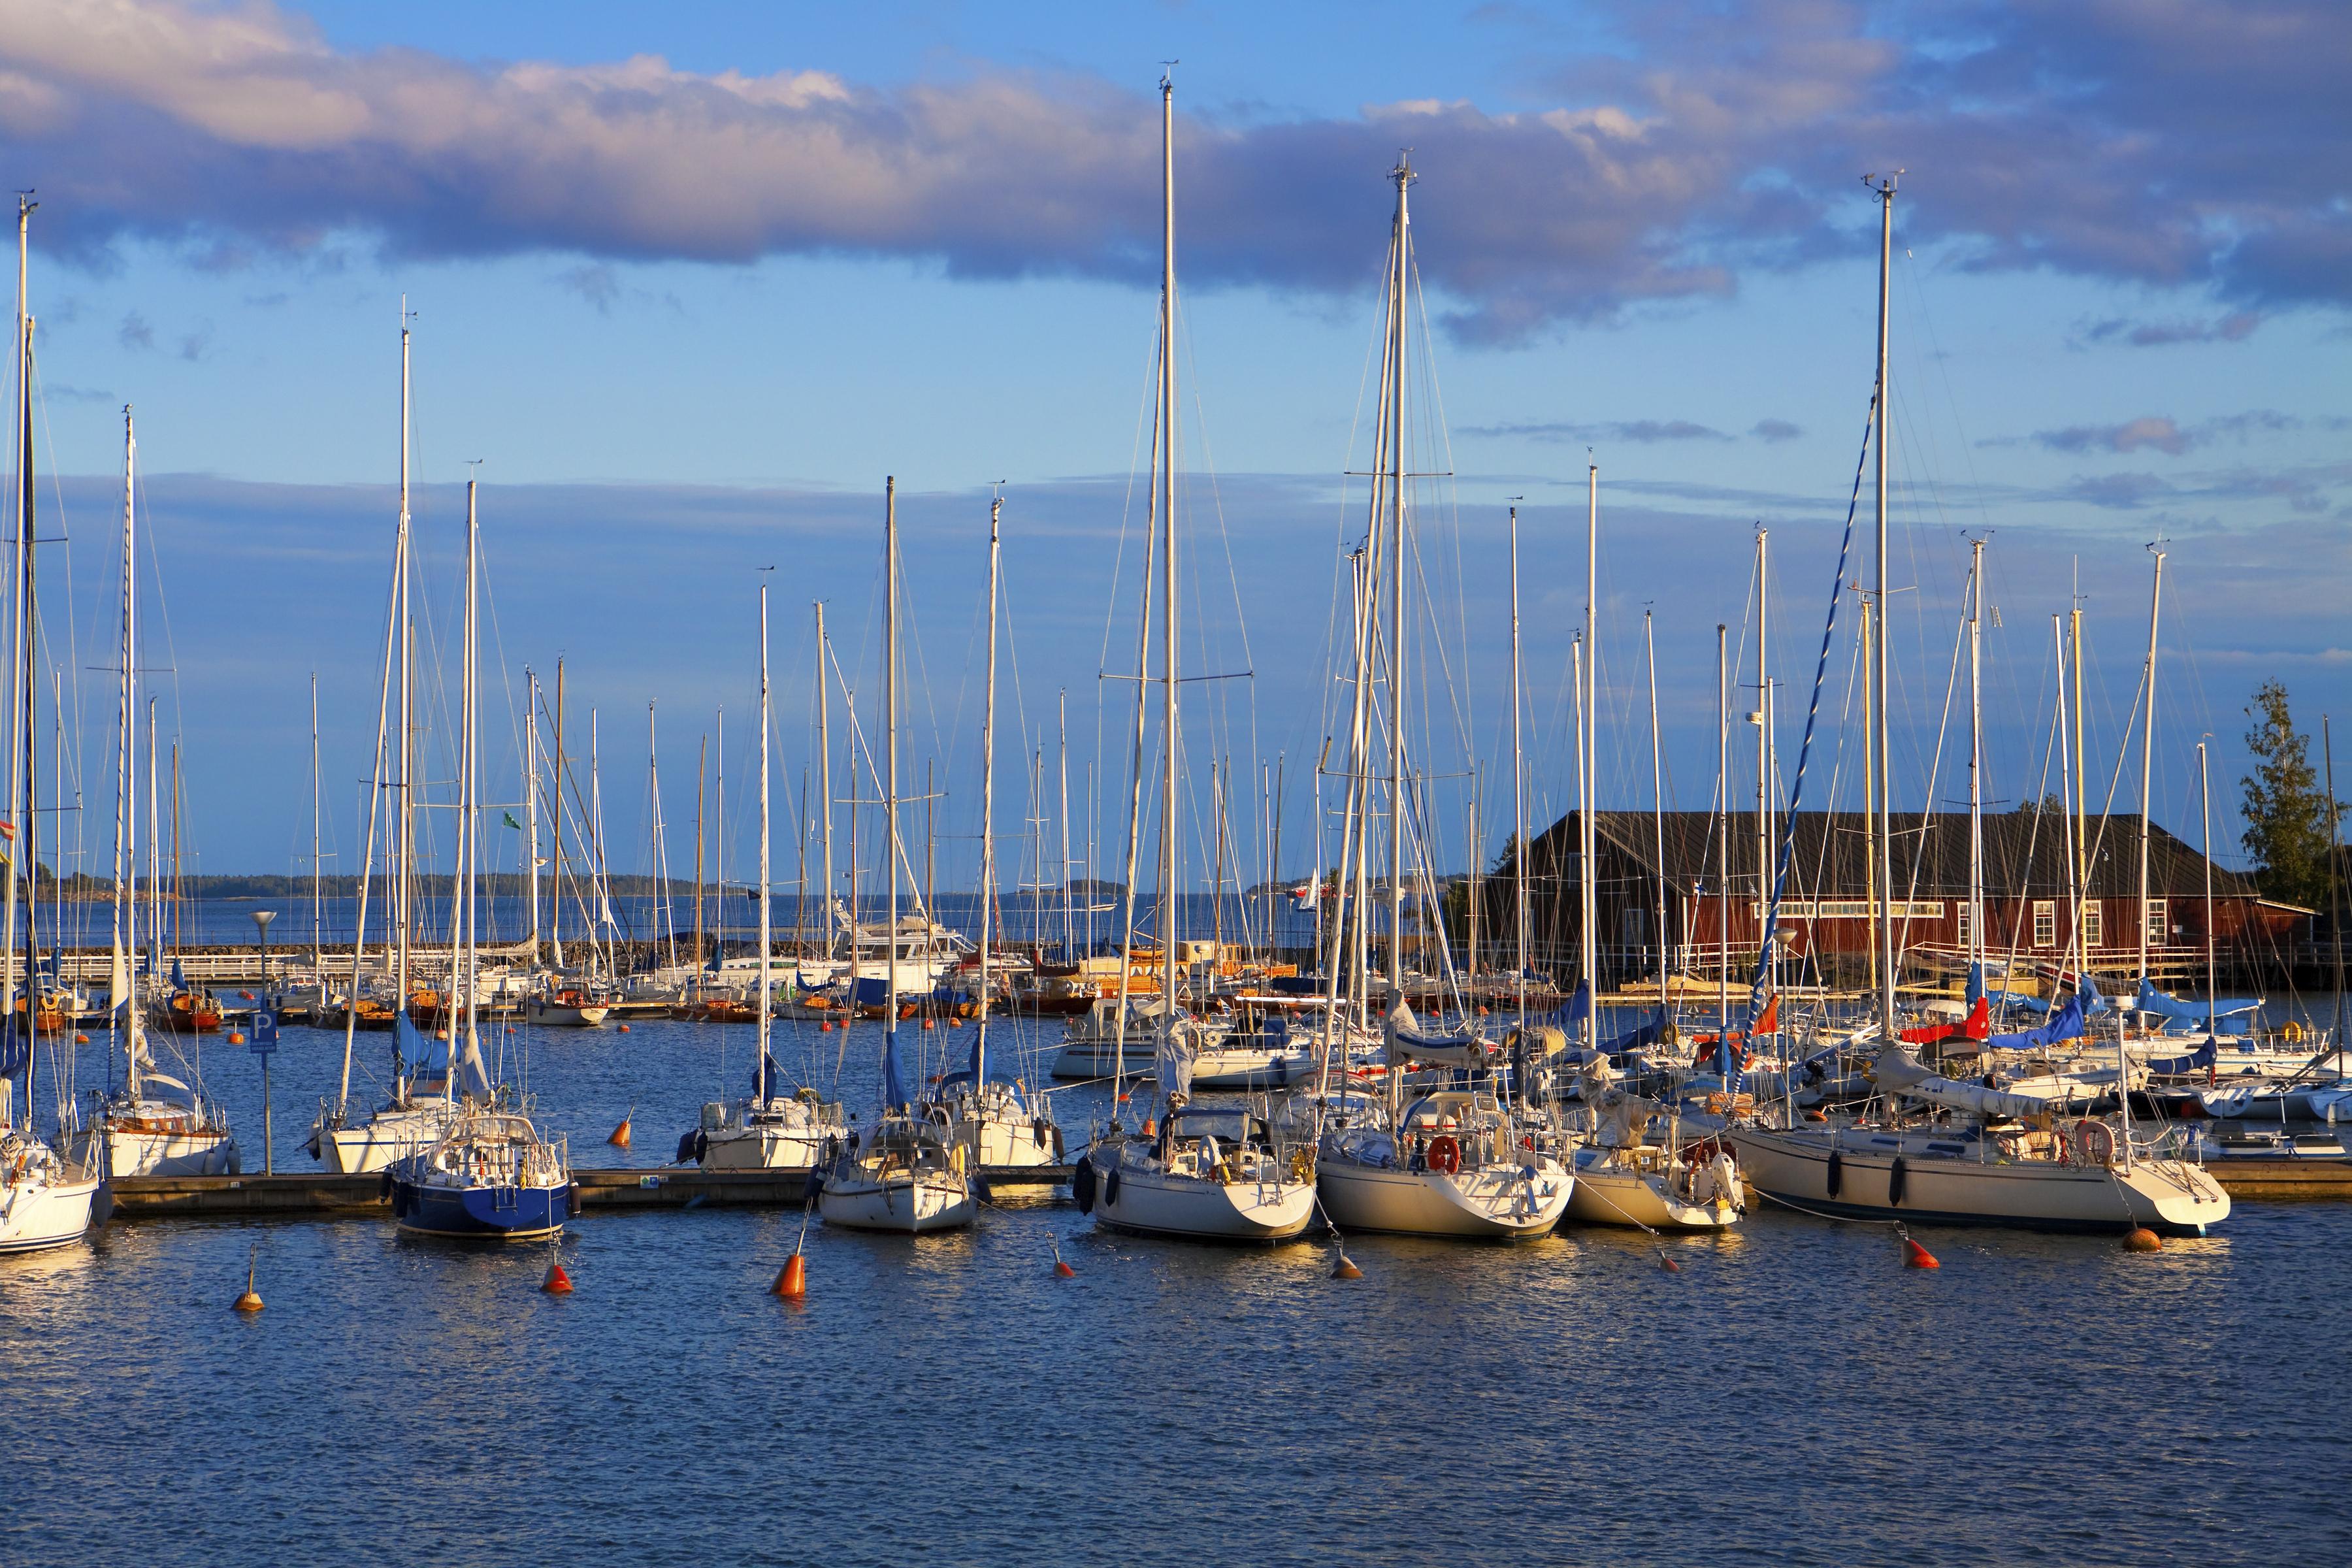 Docked yachts in Helsinki, Finland